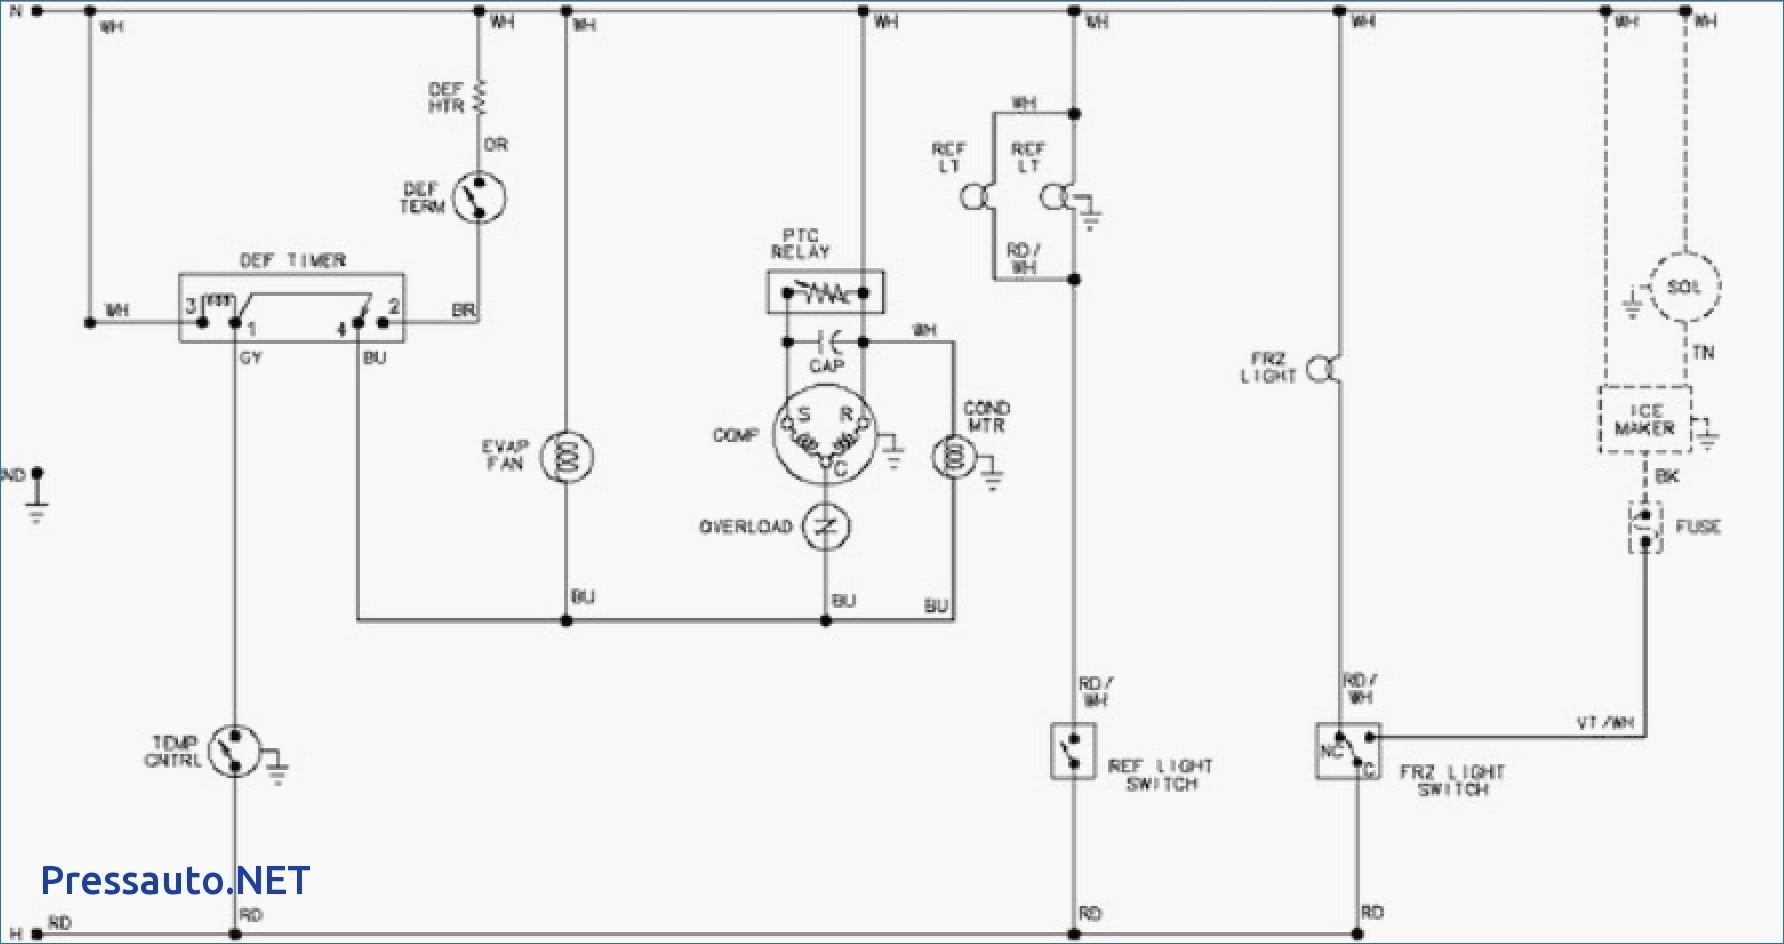 Gorgeous Refrigerator Wiring Diagram Pdf Wiring Diagram Image Amana Refrigerator  Thermostat Wiring Diagram Amana Refrigerator Wiring